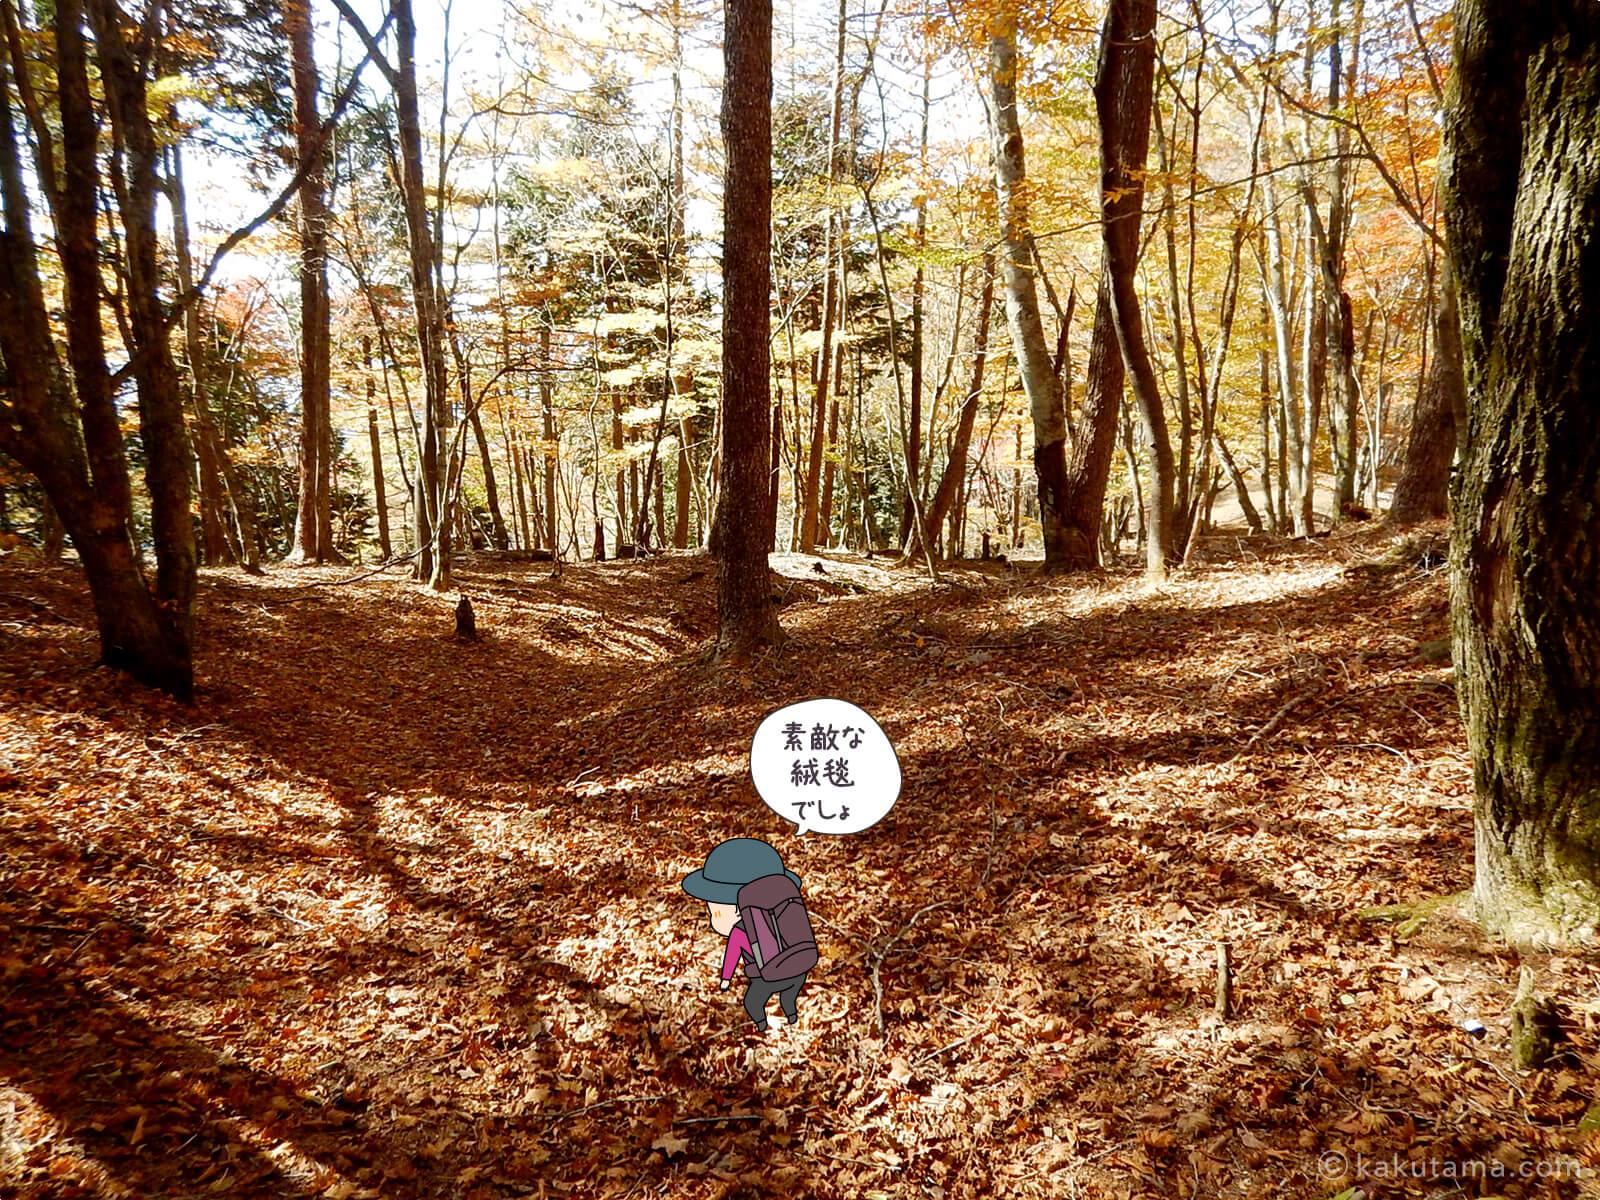 鷹ノ巣山避難小屋付近の紅葉写真3